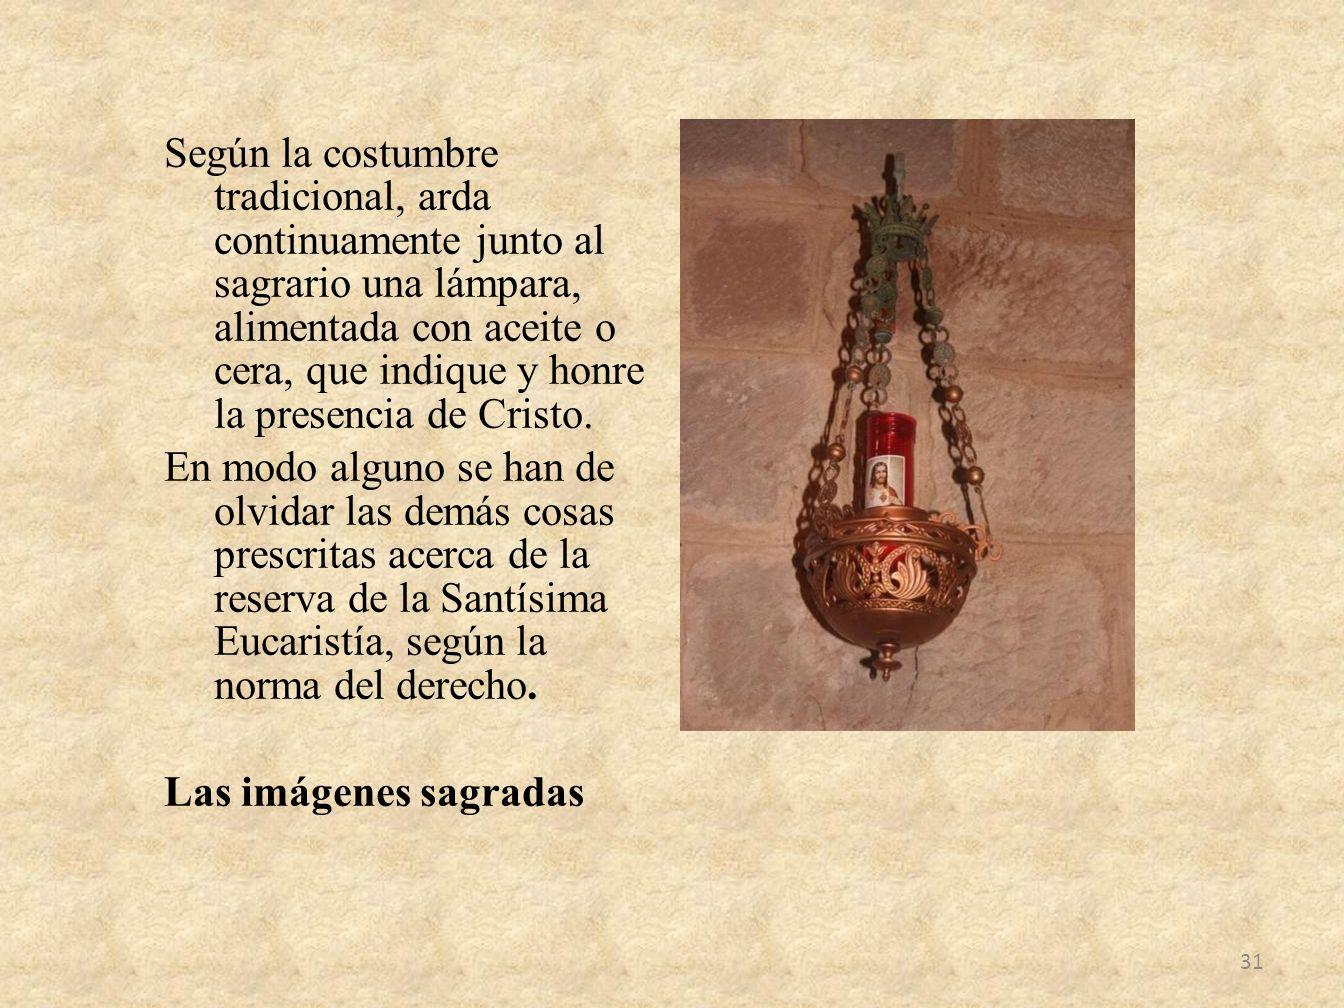 Según la costumbre tradicional, arda continuamente junto al sagrario una lámpara, alimentada con aceite o cera, que indique y honre la presencia de Cr